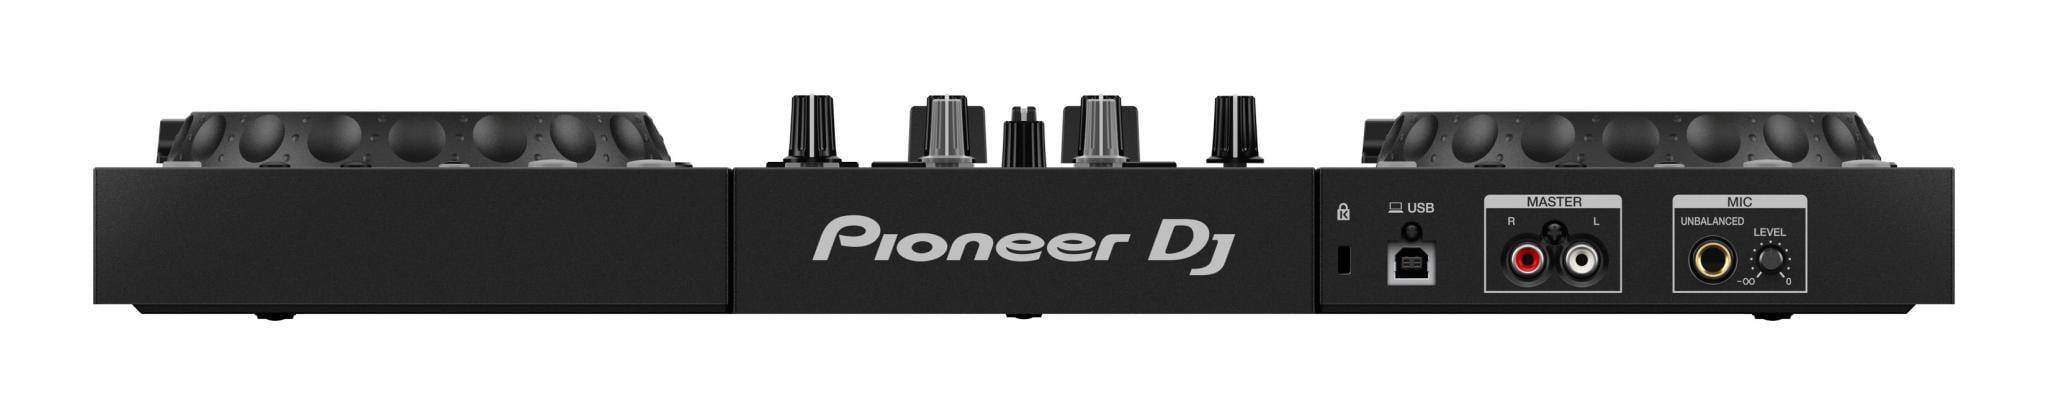 NEW: Pioneer DJ DDJ-400 — the rekordbox beginner's box   DJWORX